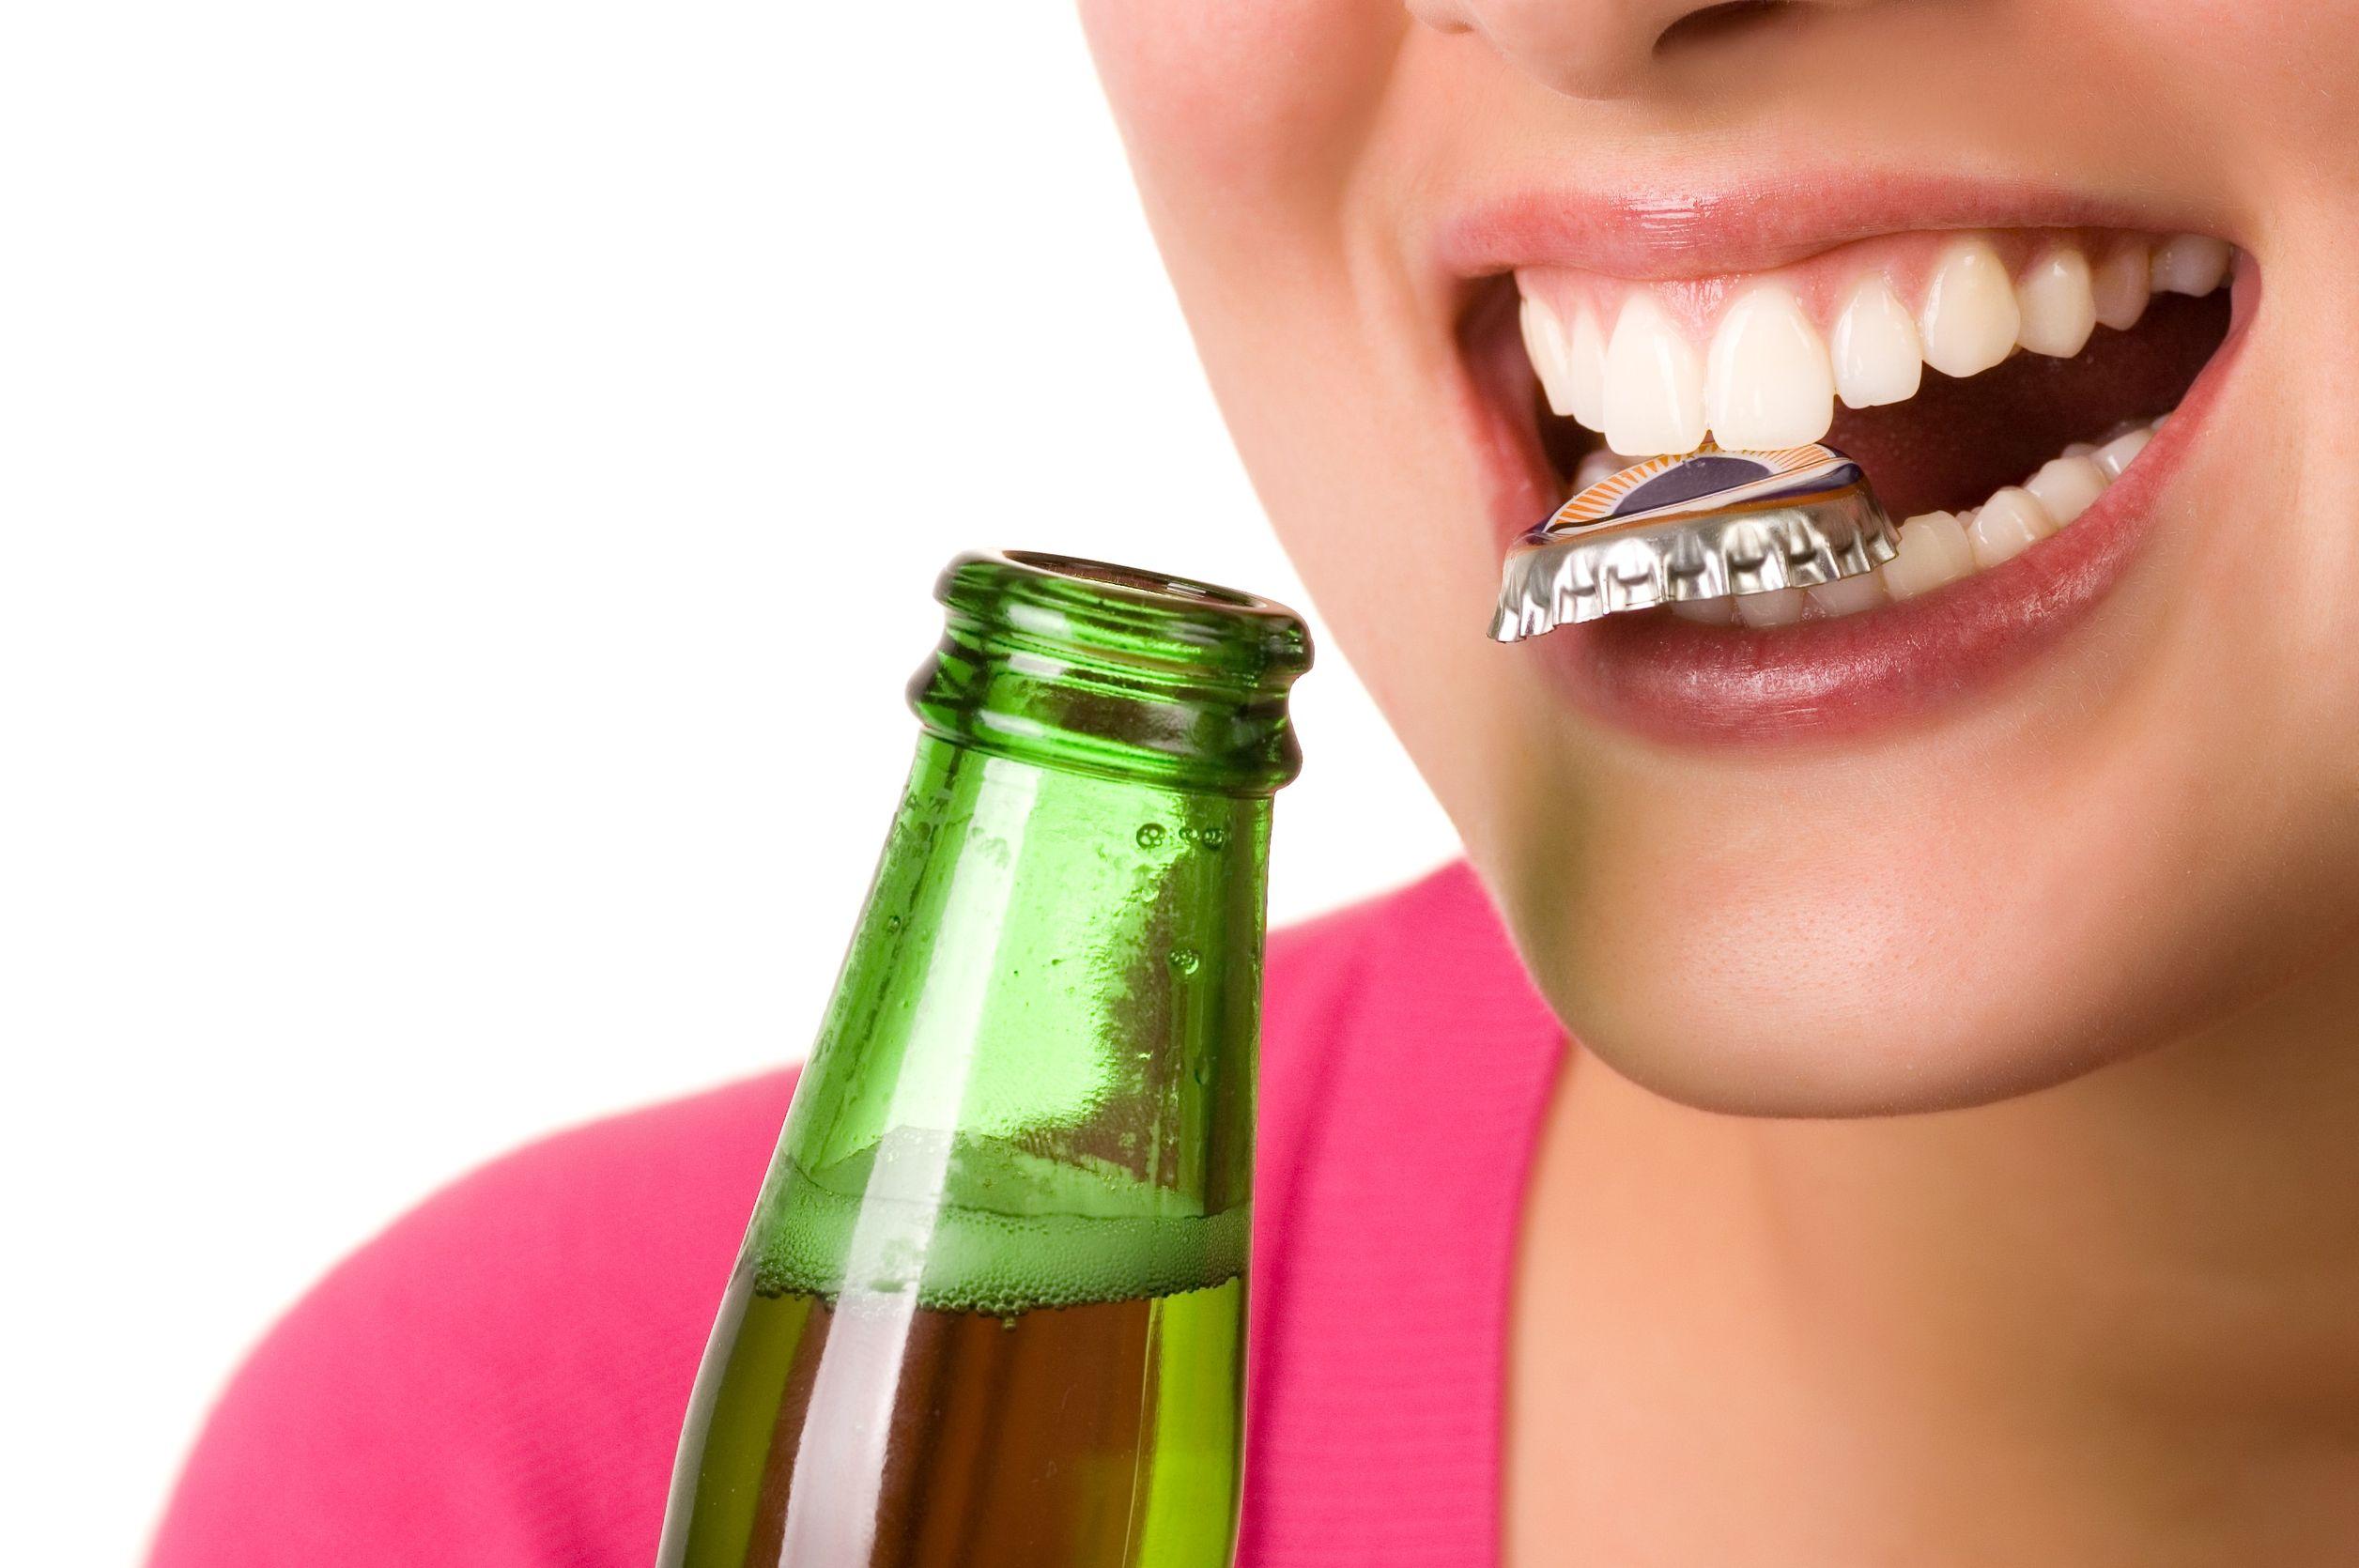 Uzroci psihičkih poremećaja – Alkoholizam, hemoroidi, nizak krvni tlak, probavni sustav, zubi